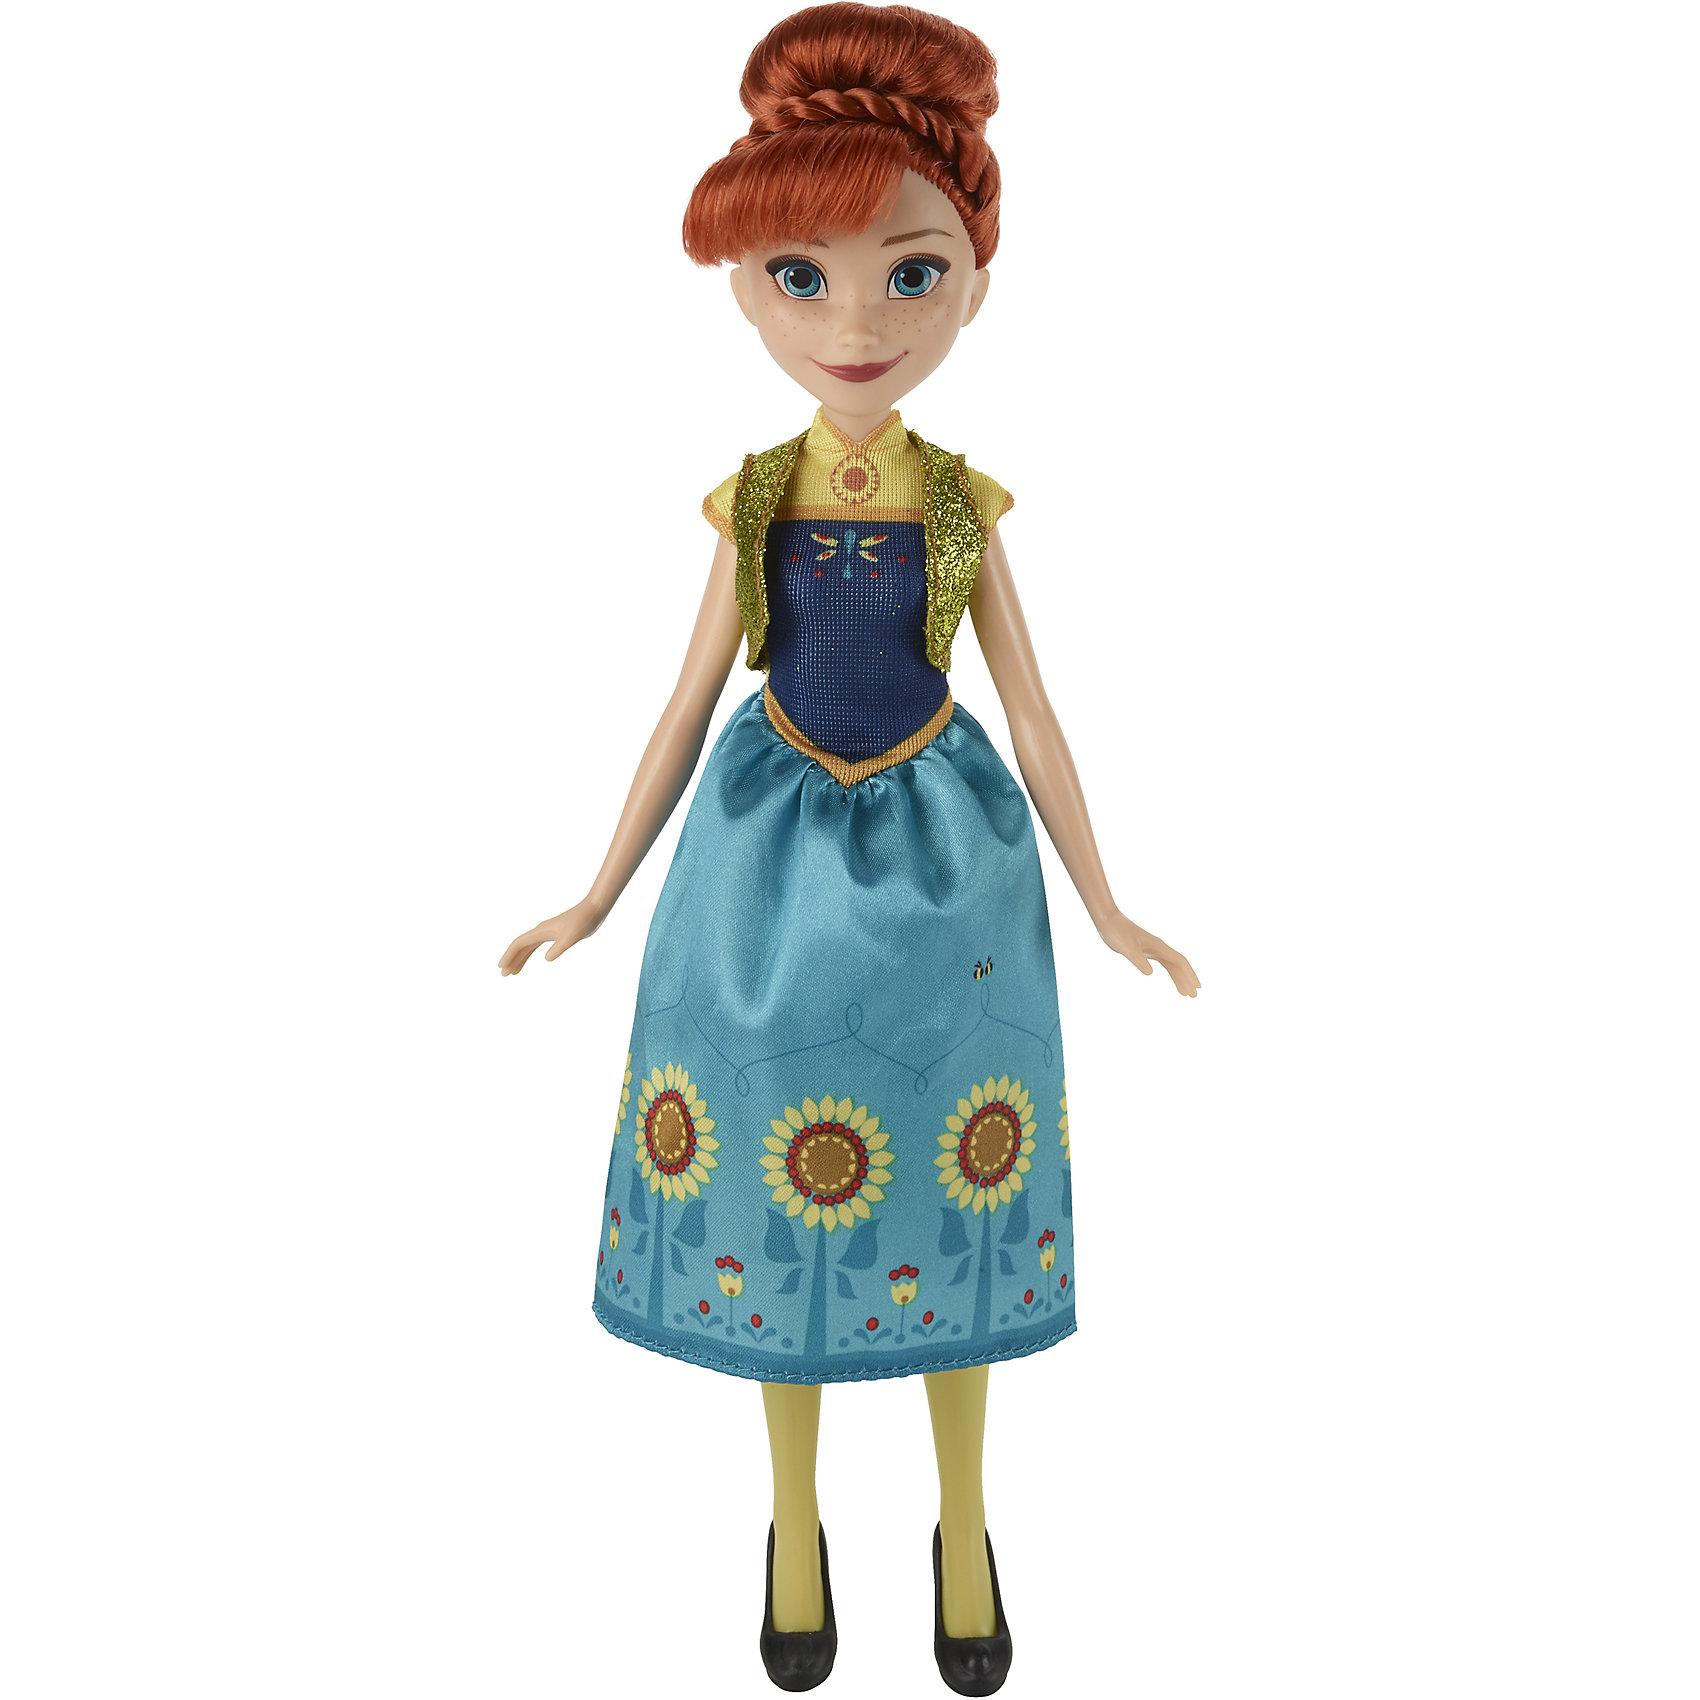 Кукла Холодное СердцеХолодное сердце<br>Куклы по минимальной цене. Эльза высотой 28см и Анна высотой 26см одеты в детализированные  наряды из короткометражки  Frozen Fever (Холодное торжество).У каждой куклы 5 точек артикуляции, наряды, которые можно снимать и надевать, обувь и уникальный аксессуар для волос.<br><br>Ширина мм: 51<br>Глубина мм: 152<br>Высота мм: 356<br>Вес г: 156<br>Возраст от месяцев: 36<br>Возраст до месяцев: 144<br>Пол: Женский<br>Возраст: Детский<br>SKU: 4874326